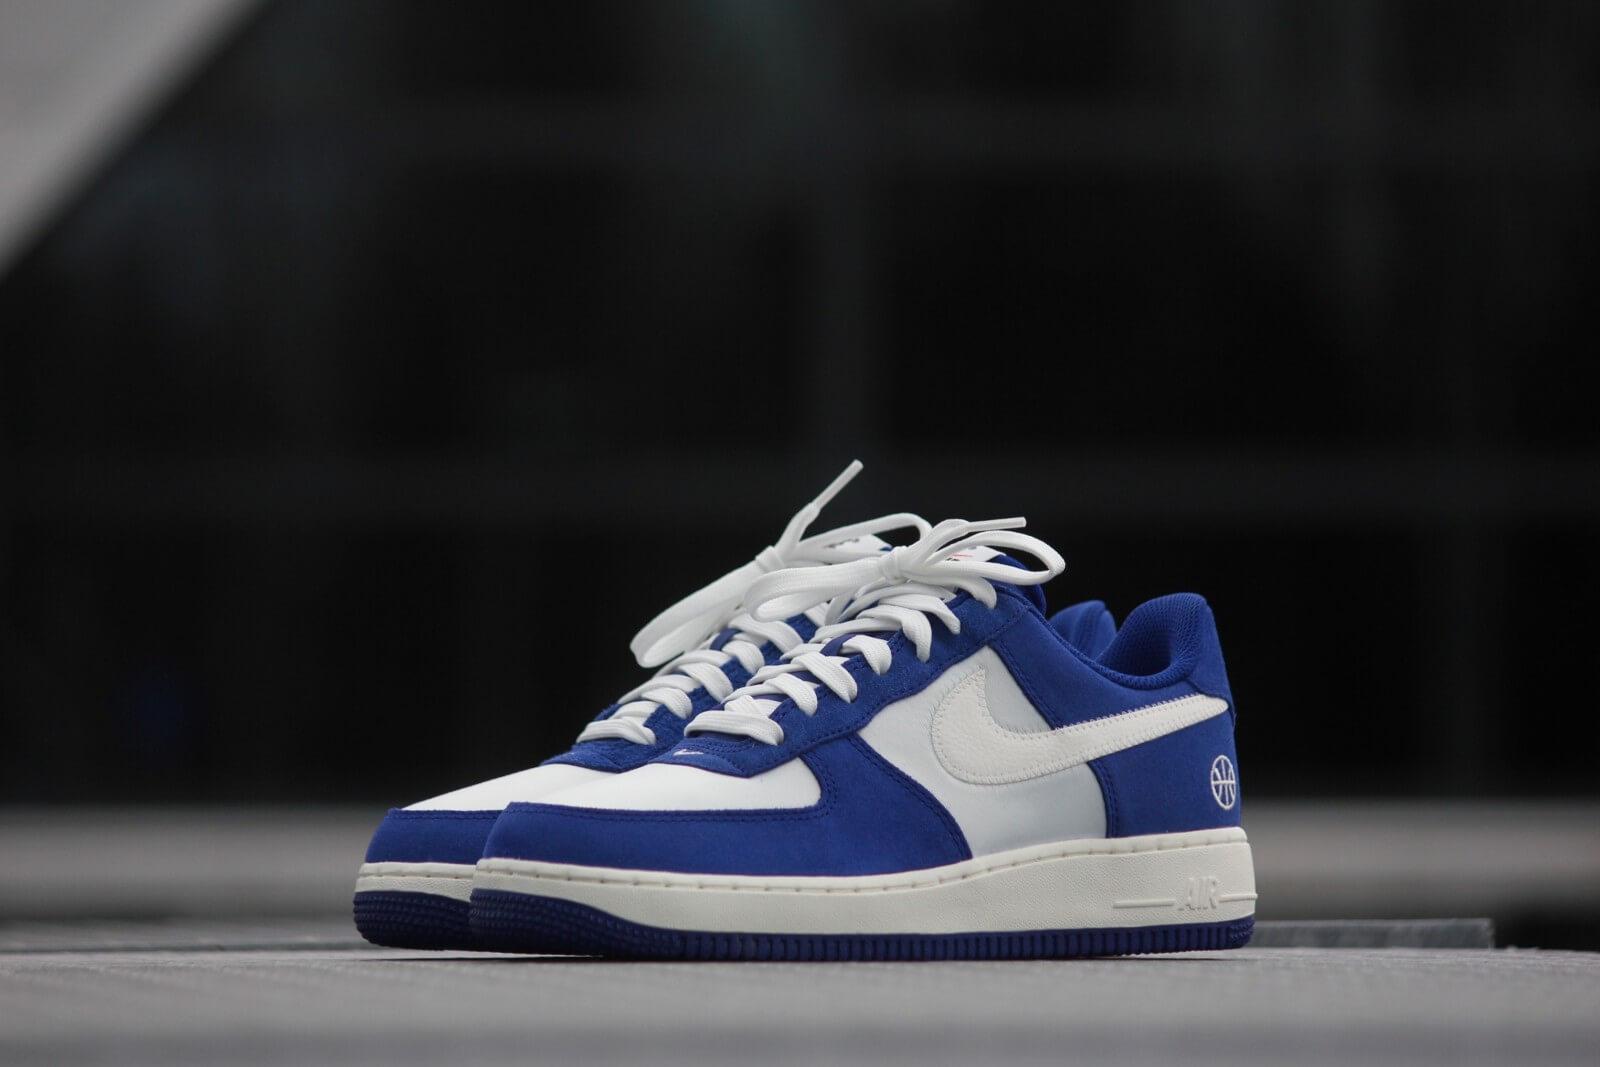 Nike Air Force 1 07 Deep Royal Blue Sail Phantom